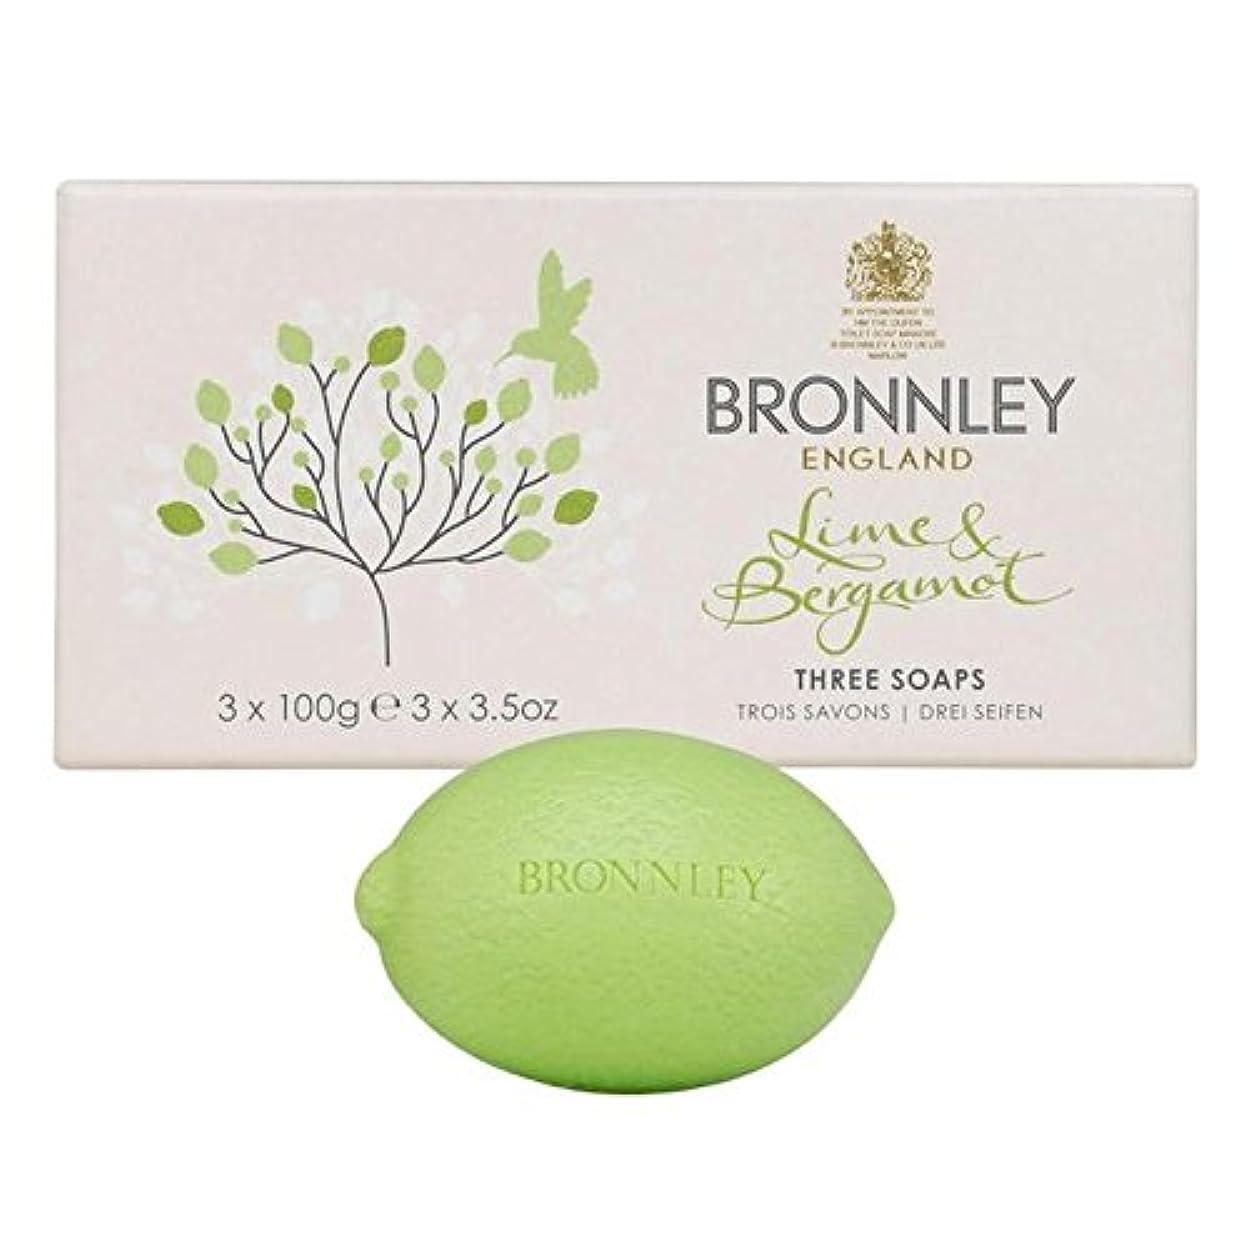 雇用者学者リスクライム&ベルガモット石鹸3×100グラム x4 - Bronnley Lime & Bergamot Soap 3 x 100g (Pack of 4) [並行輸入品]